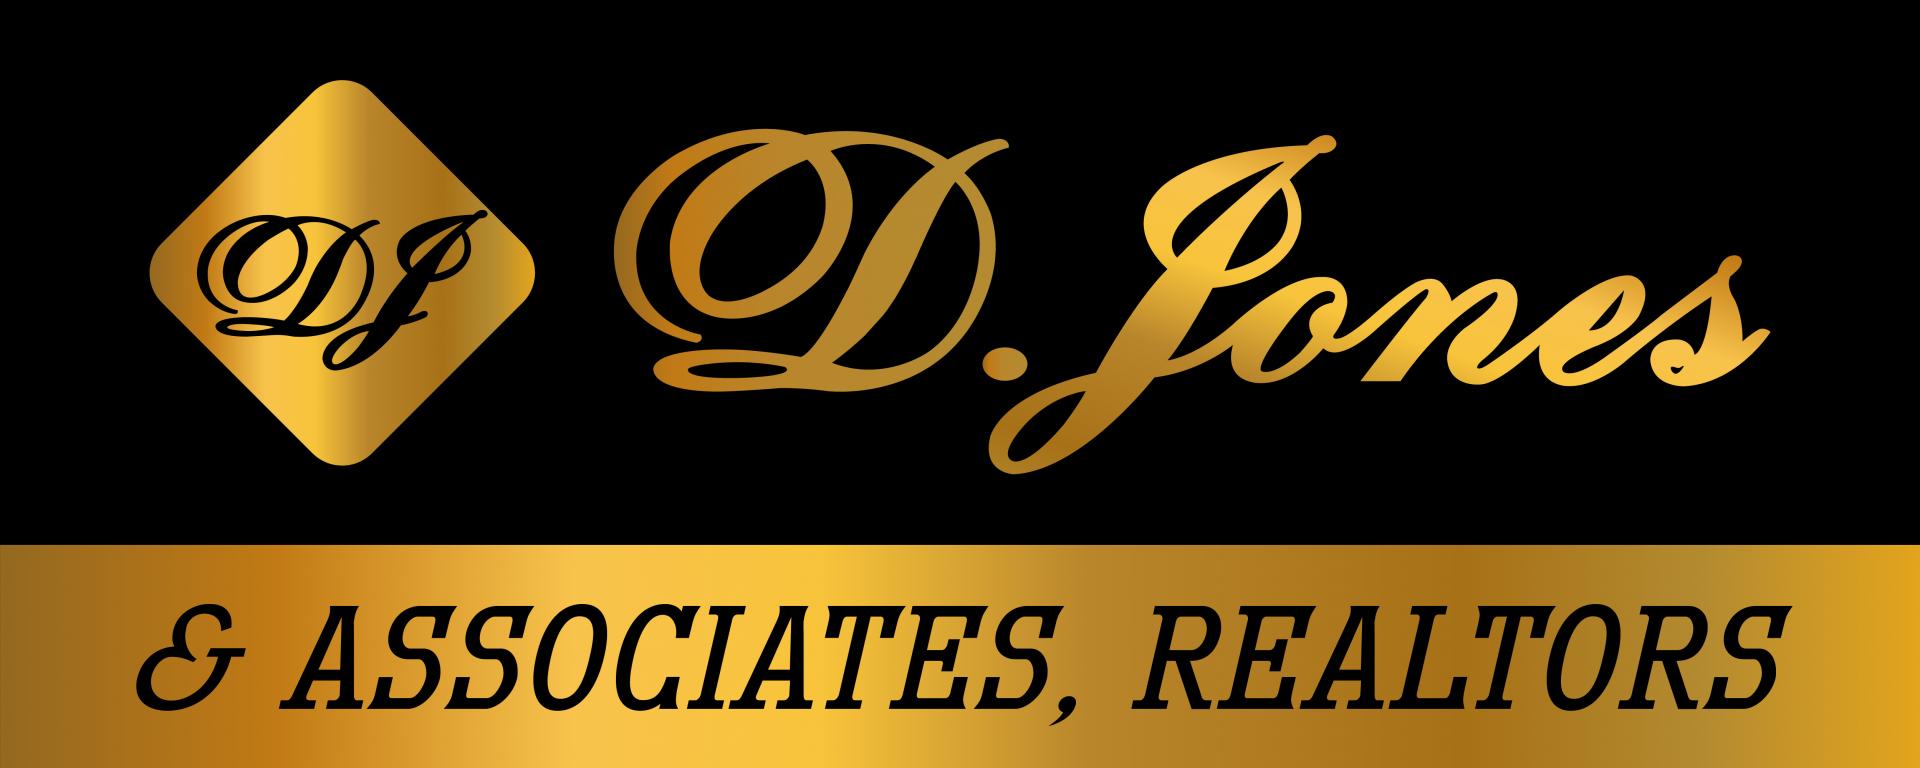 D. Jones & Associates, REALTORS logo